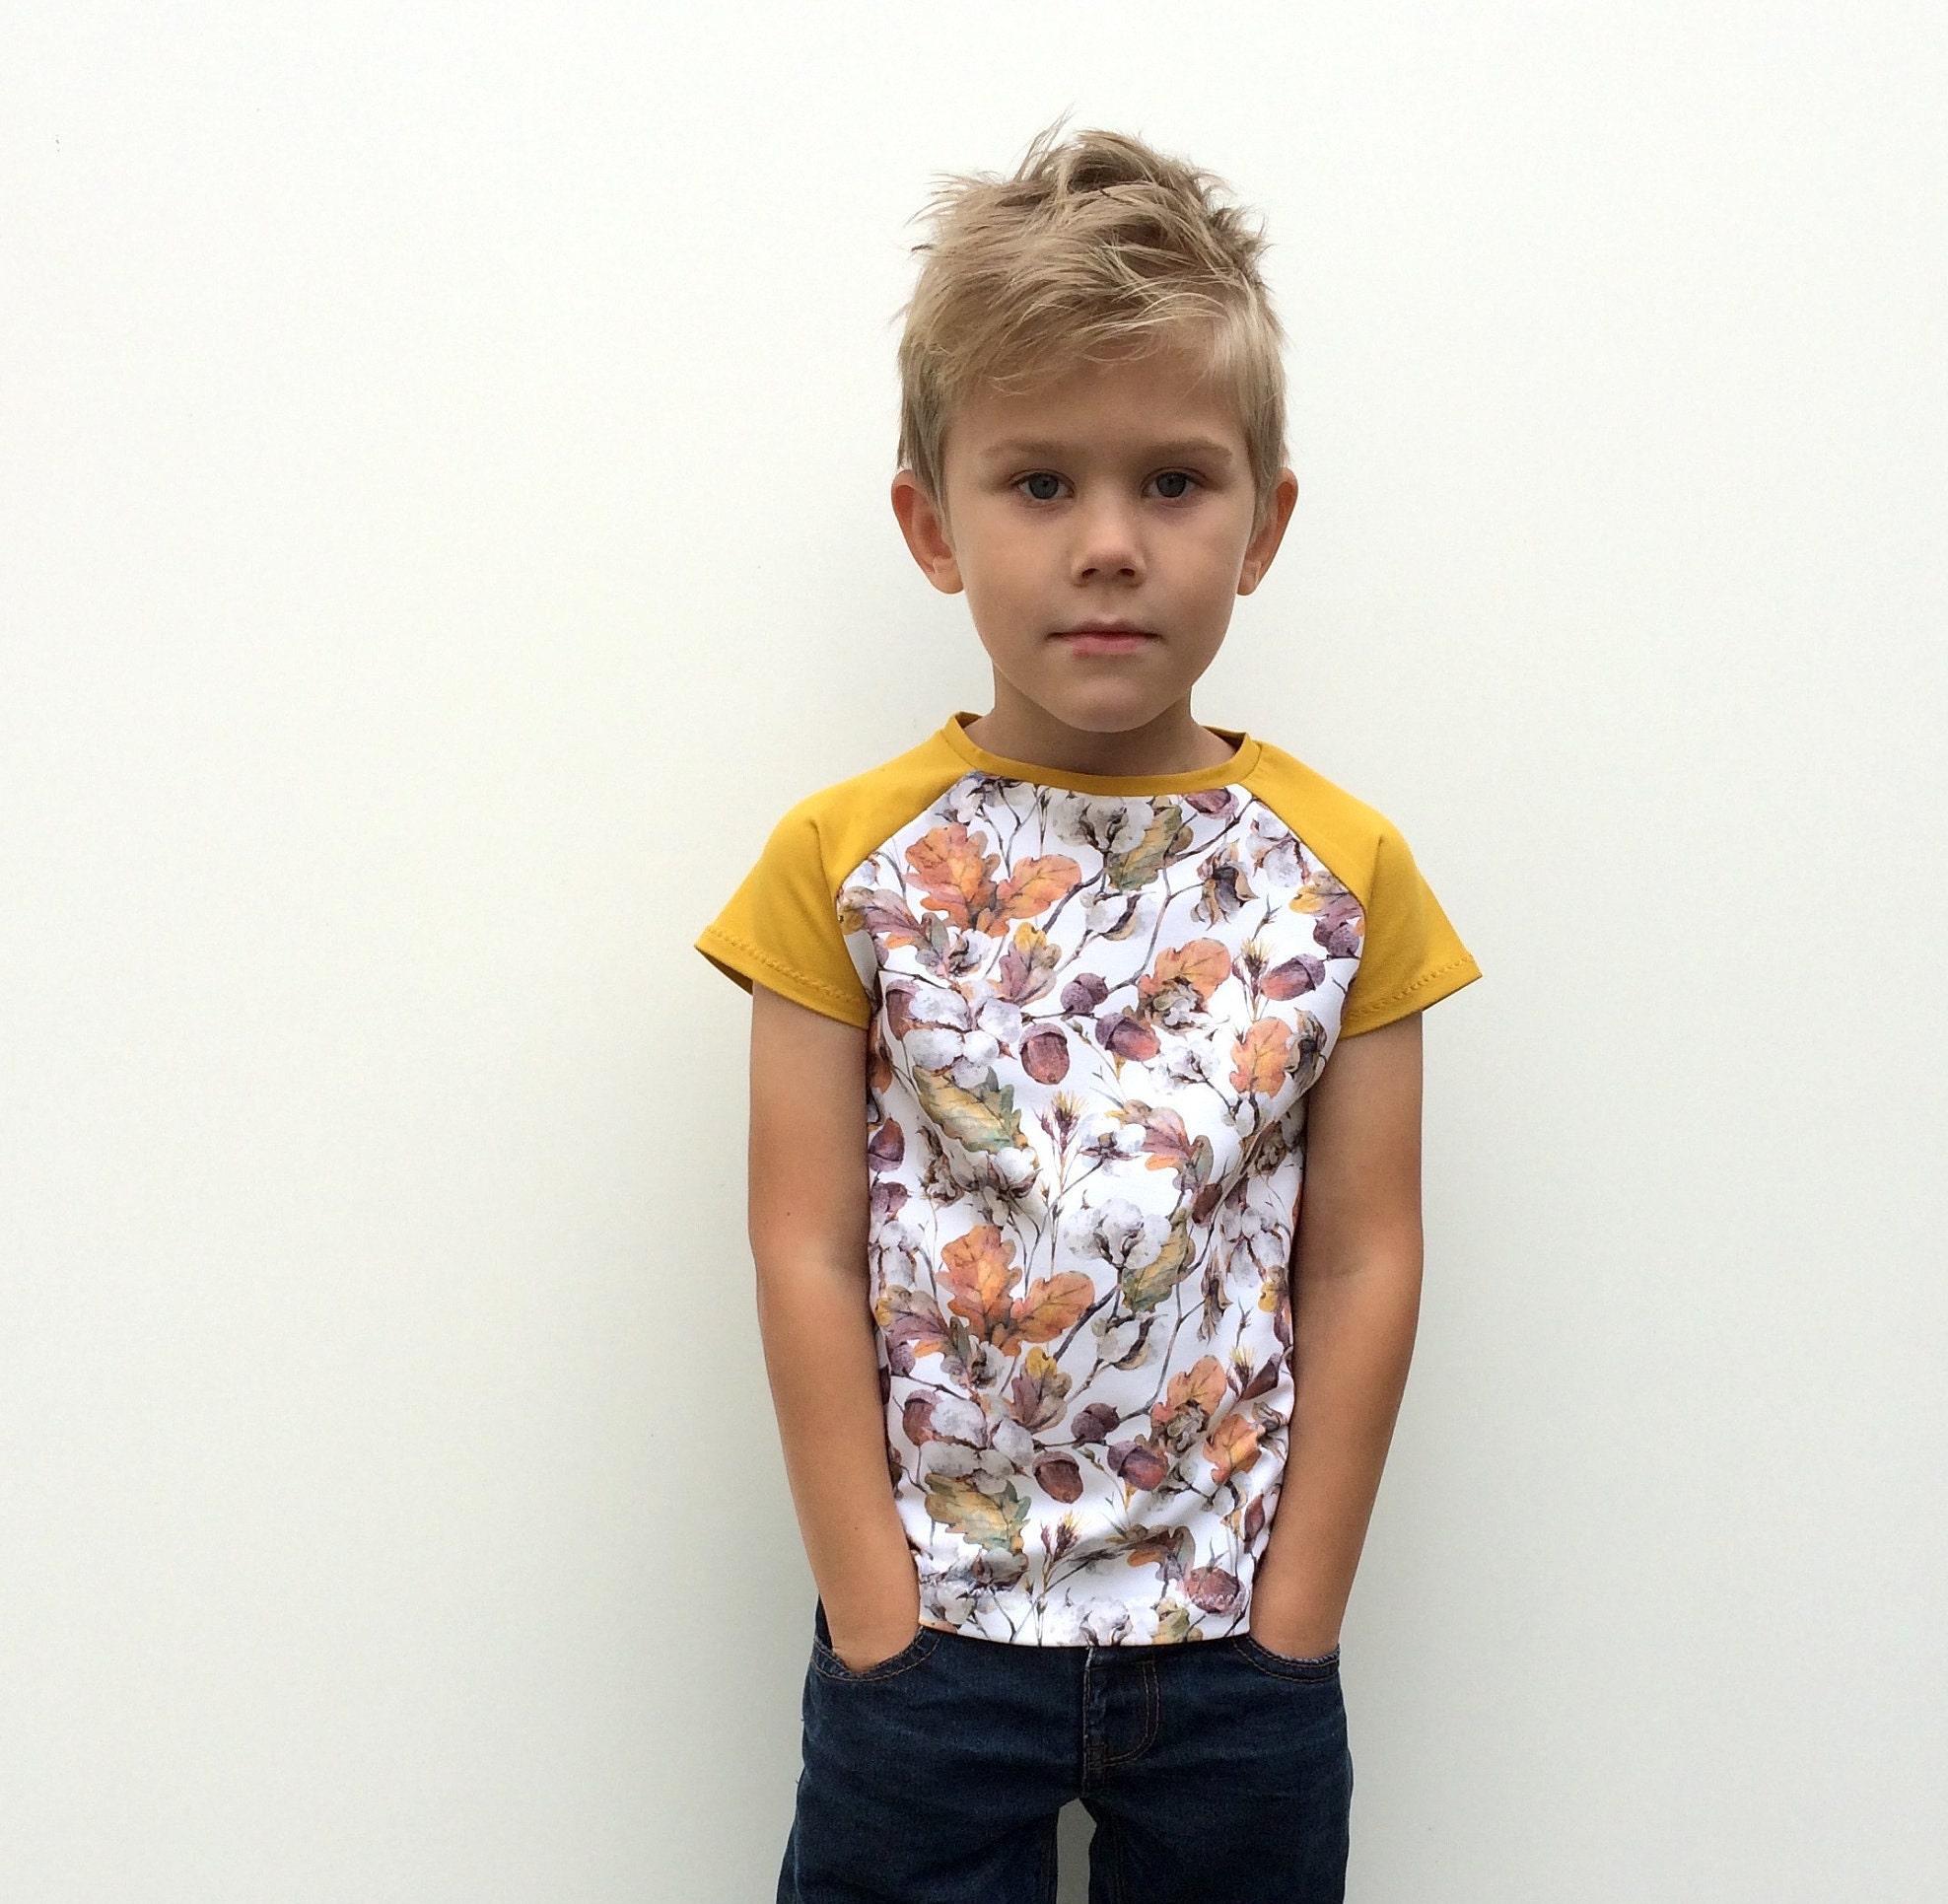 732b3d4e1b01d Fall mustard yellow shirt - fall clothes - toddler mustard shirt - autumn  tee - baby boys shirt - thanksgiving shirt